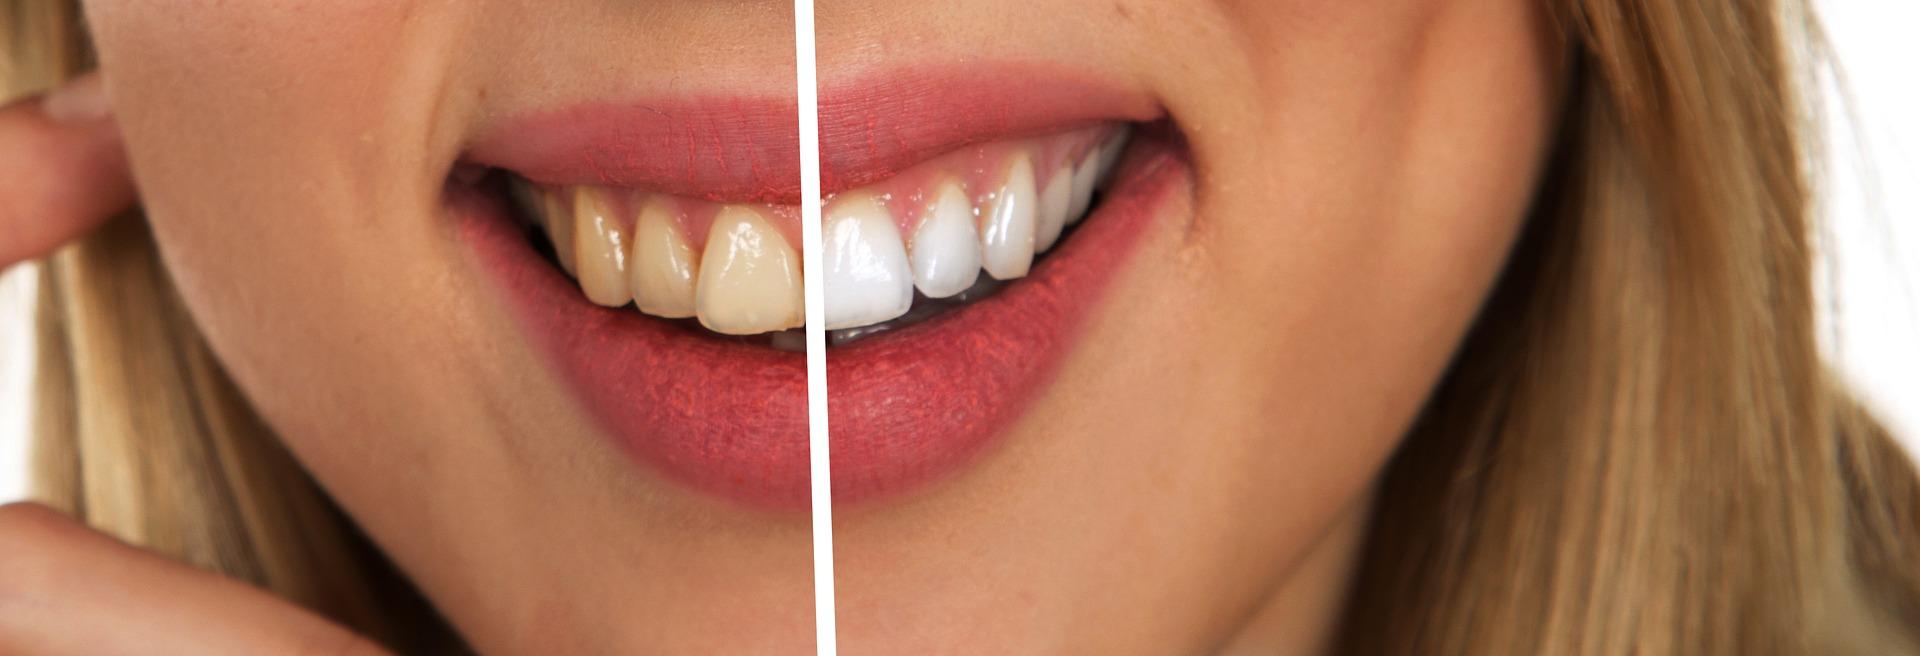 carillas dentales sin tallado